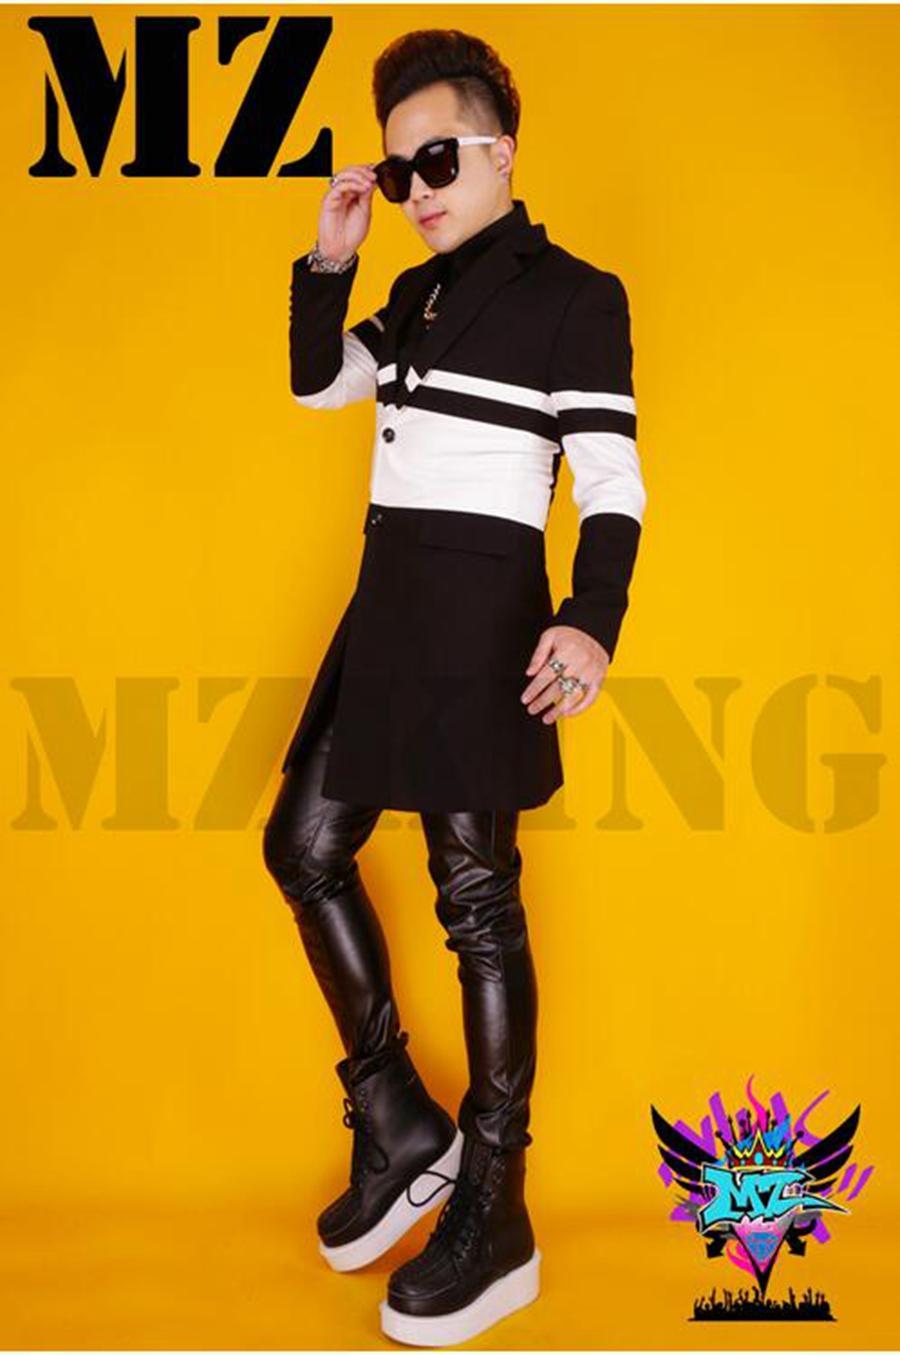 يبدو مغني الذكور ملهى ليلي في المدرج النسخة الكورية معطف الصوف طحن ازياء ضيف المضيف سترة واقية. S - 6 xl